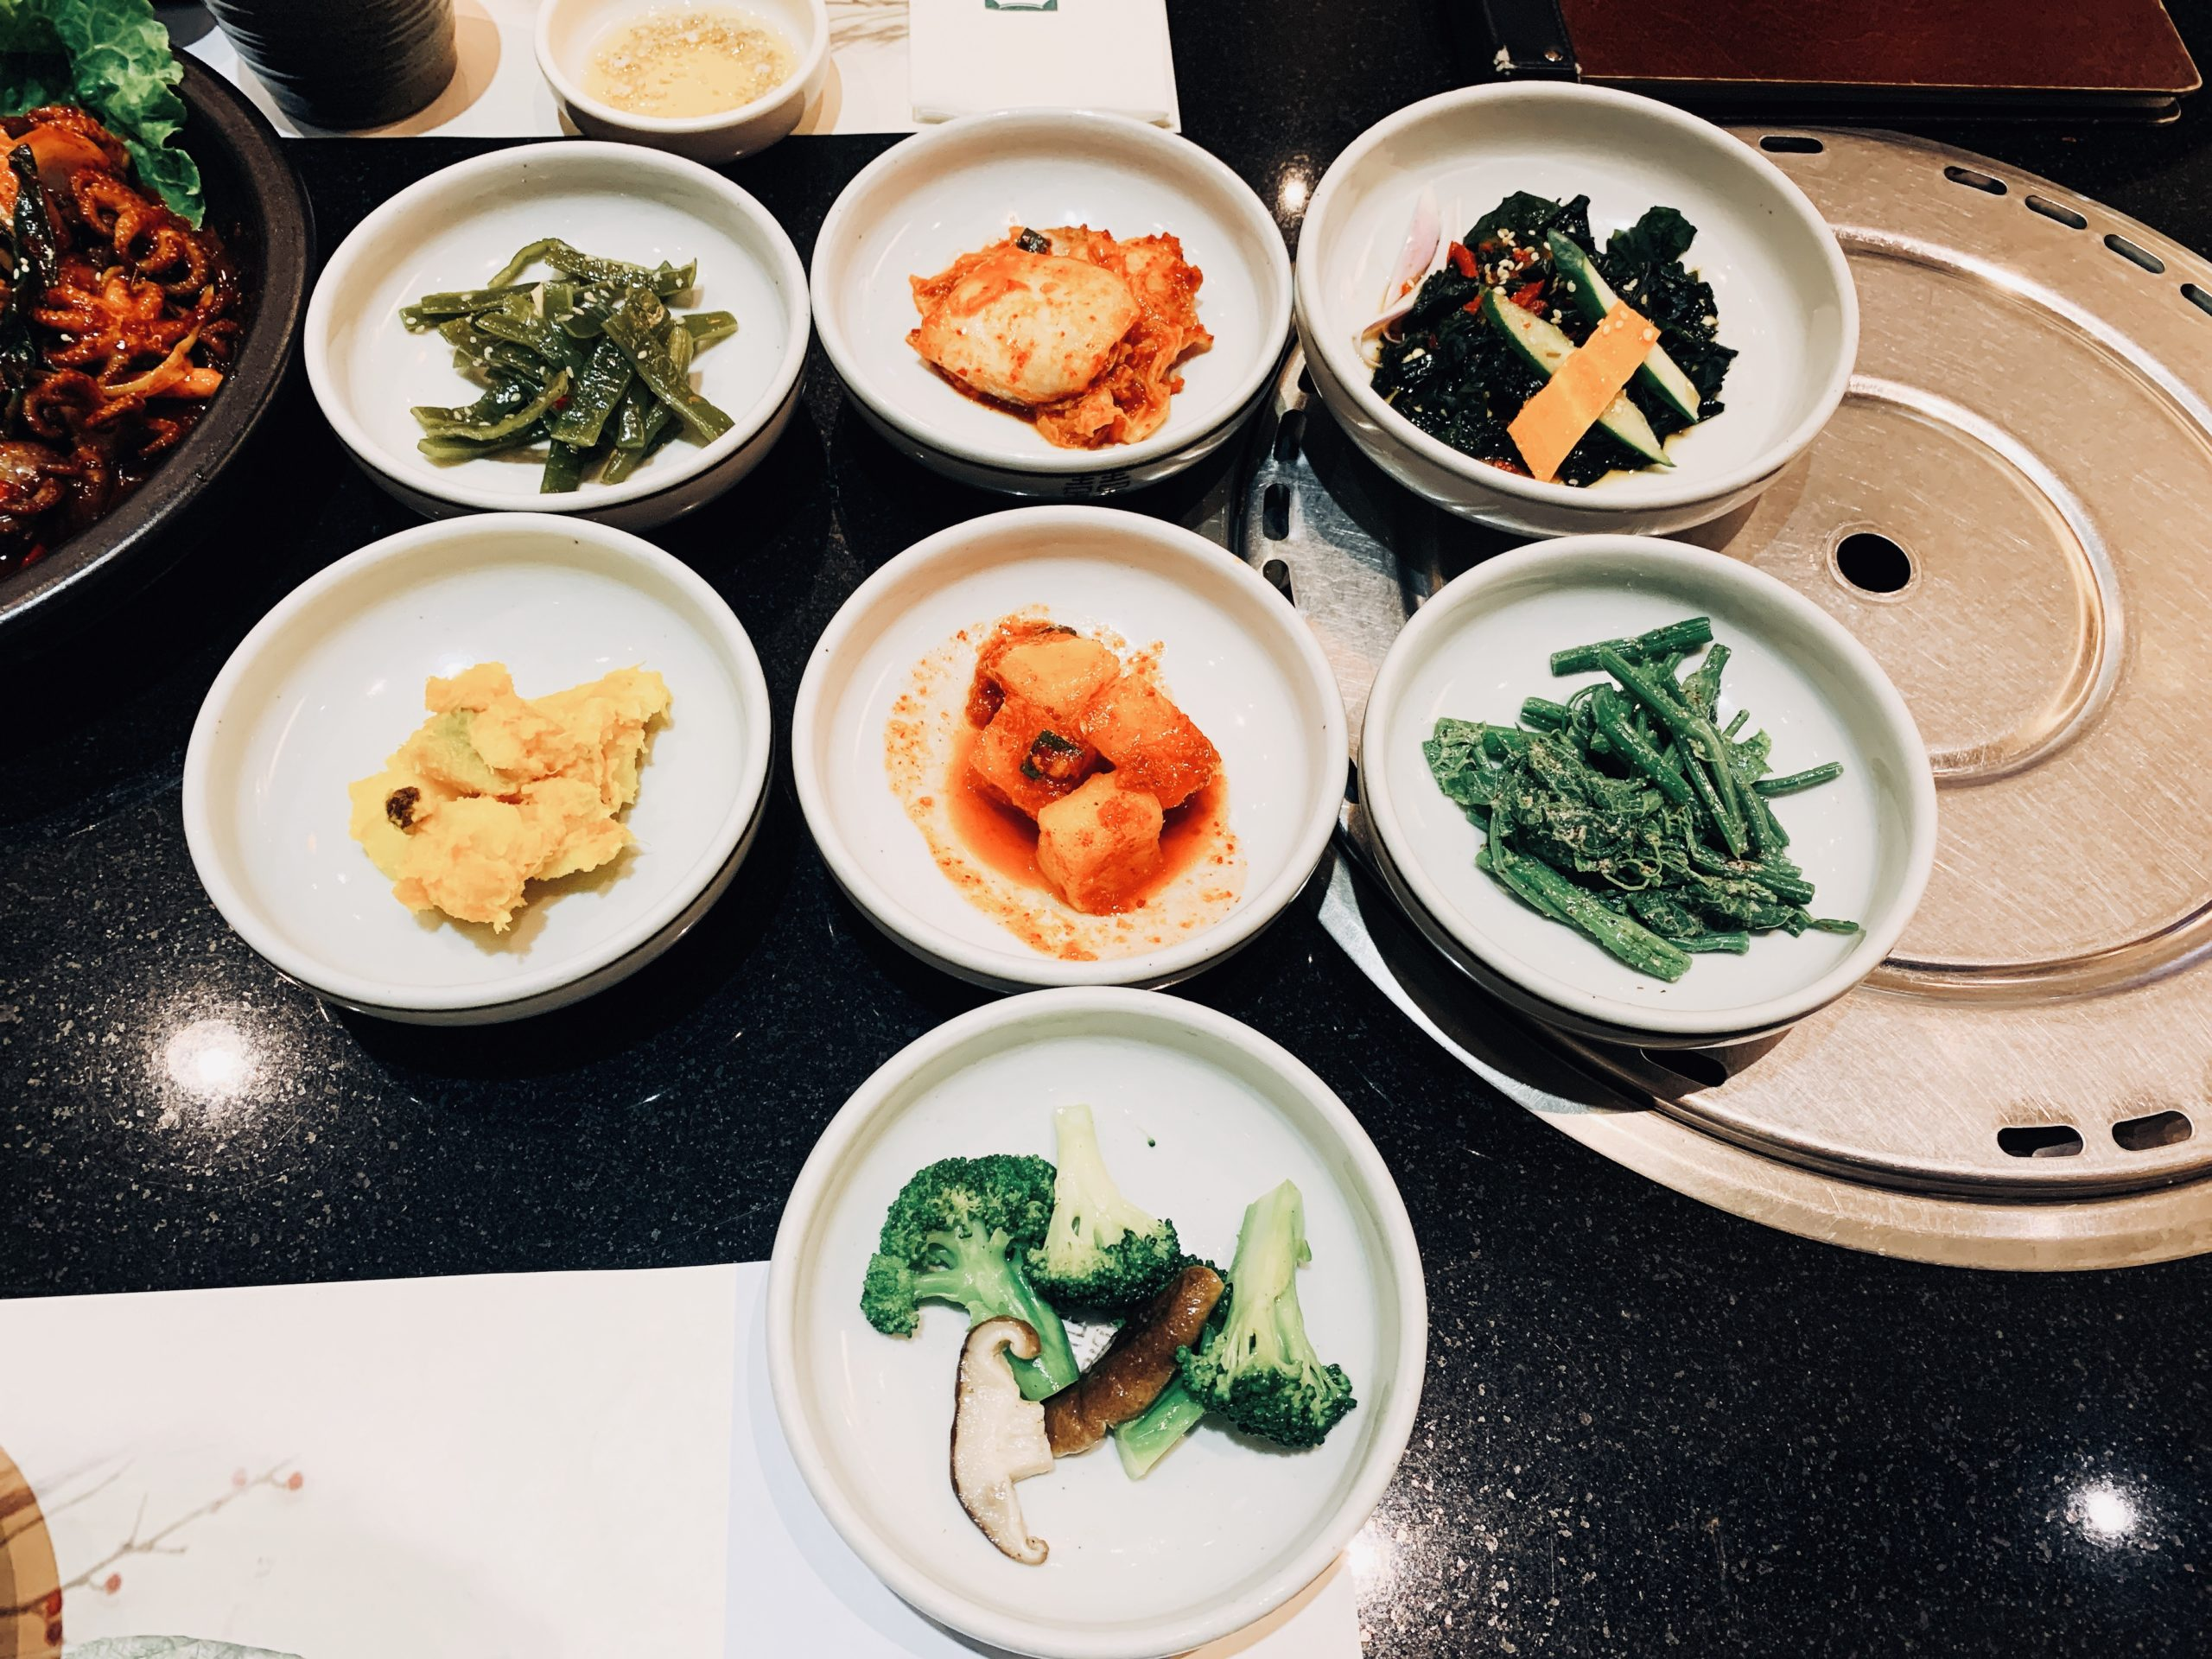 台北內湖區|三元花園韓式餐廳 瑞光店 韓式料理8種小菜吃到飽